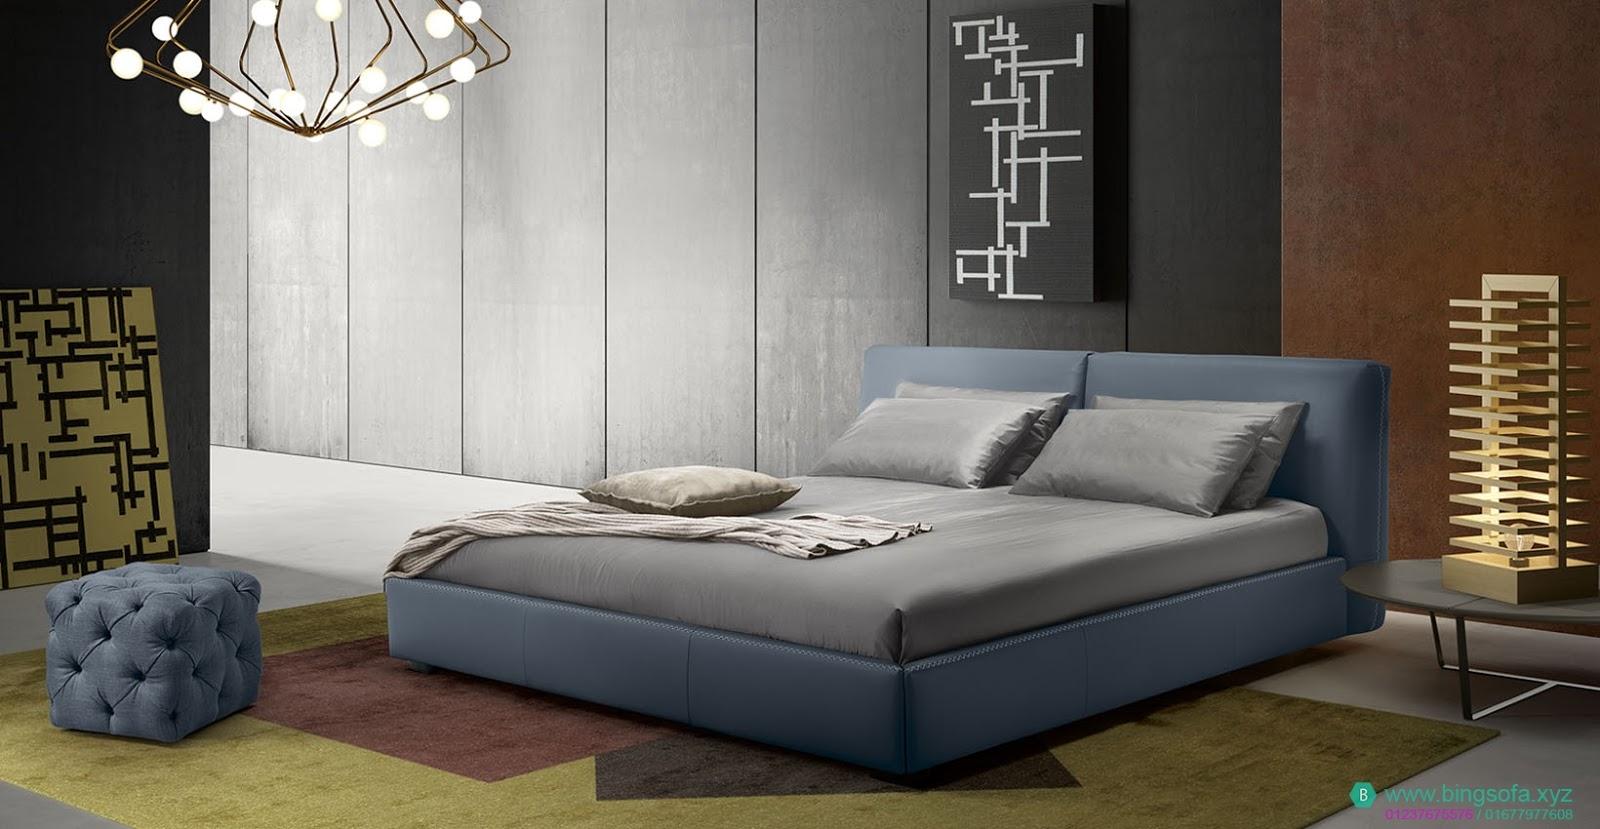 Mẫu giường ngủ bọc da cao cấp GN30